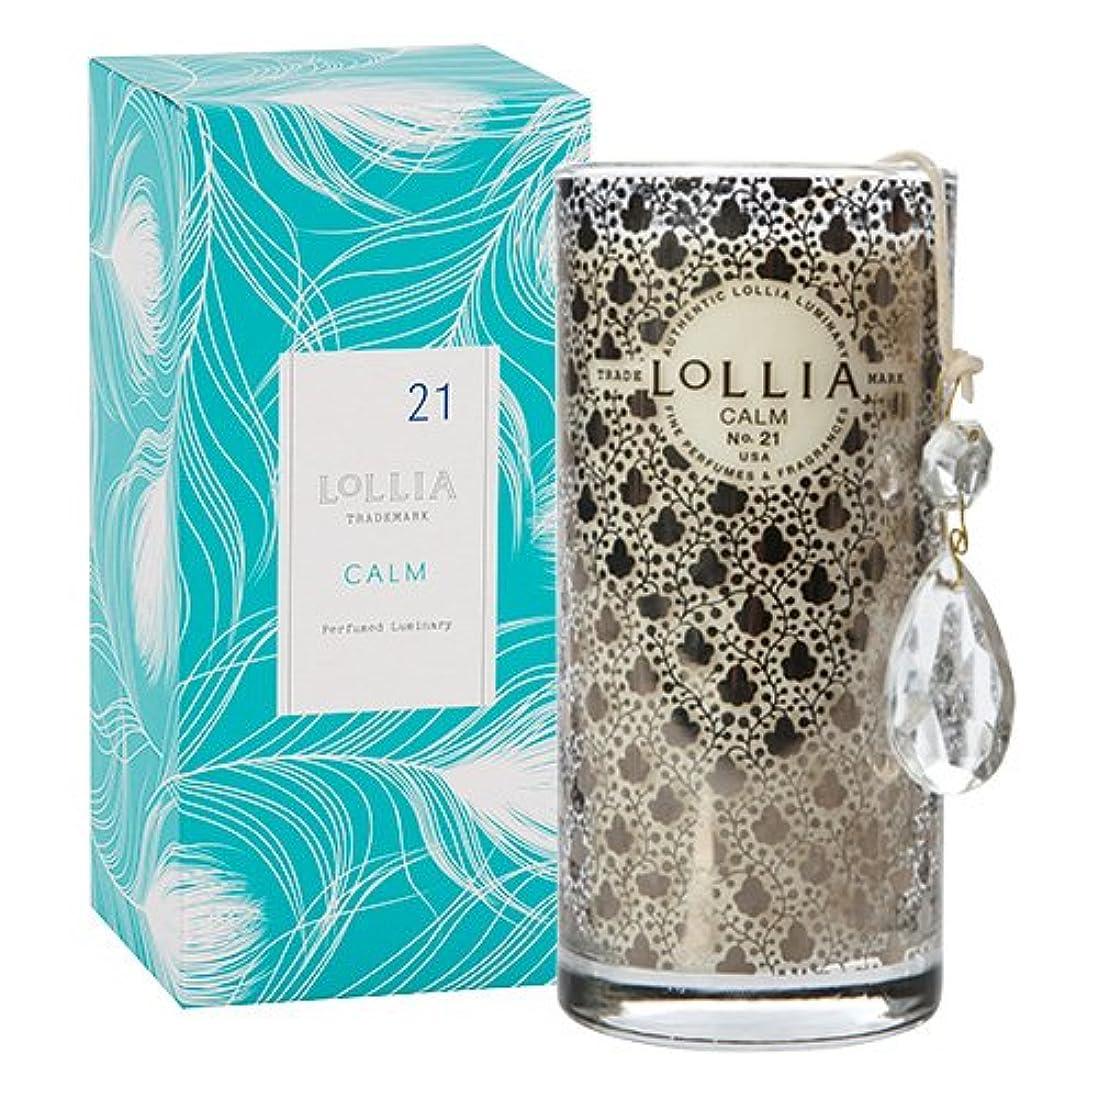 偽扱いやすい発明ロリア(LoLLIA) プティパフュームドルミナリー290g Calm(チャーム付キャンドル アイリス、シトラス、ヒヤシンスのクリーン&フレッシュな香り)